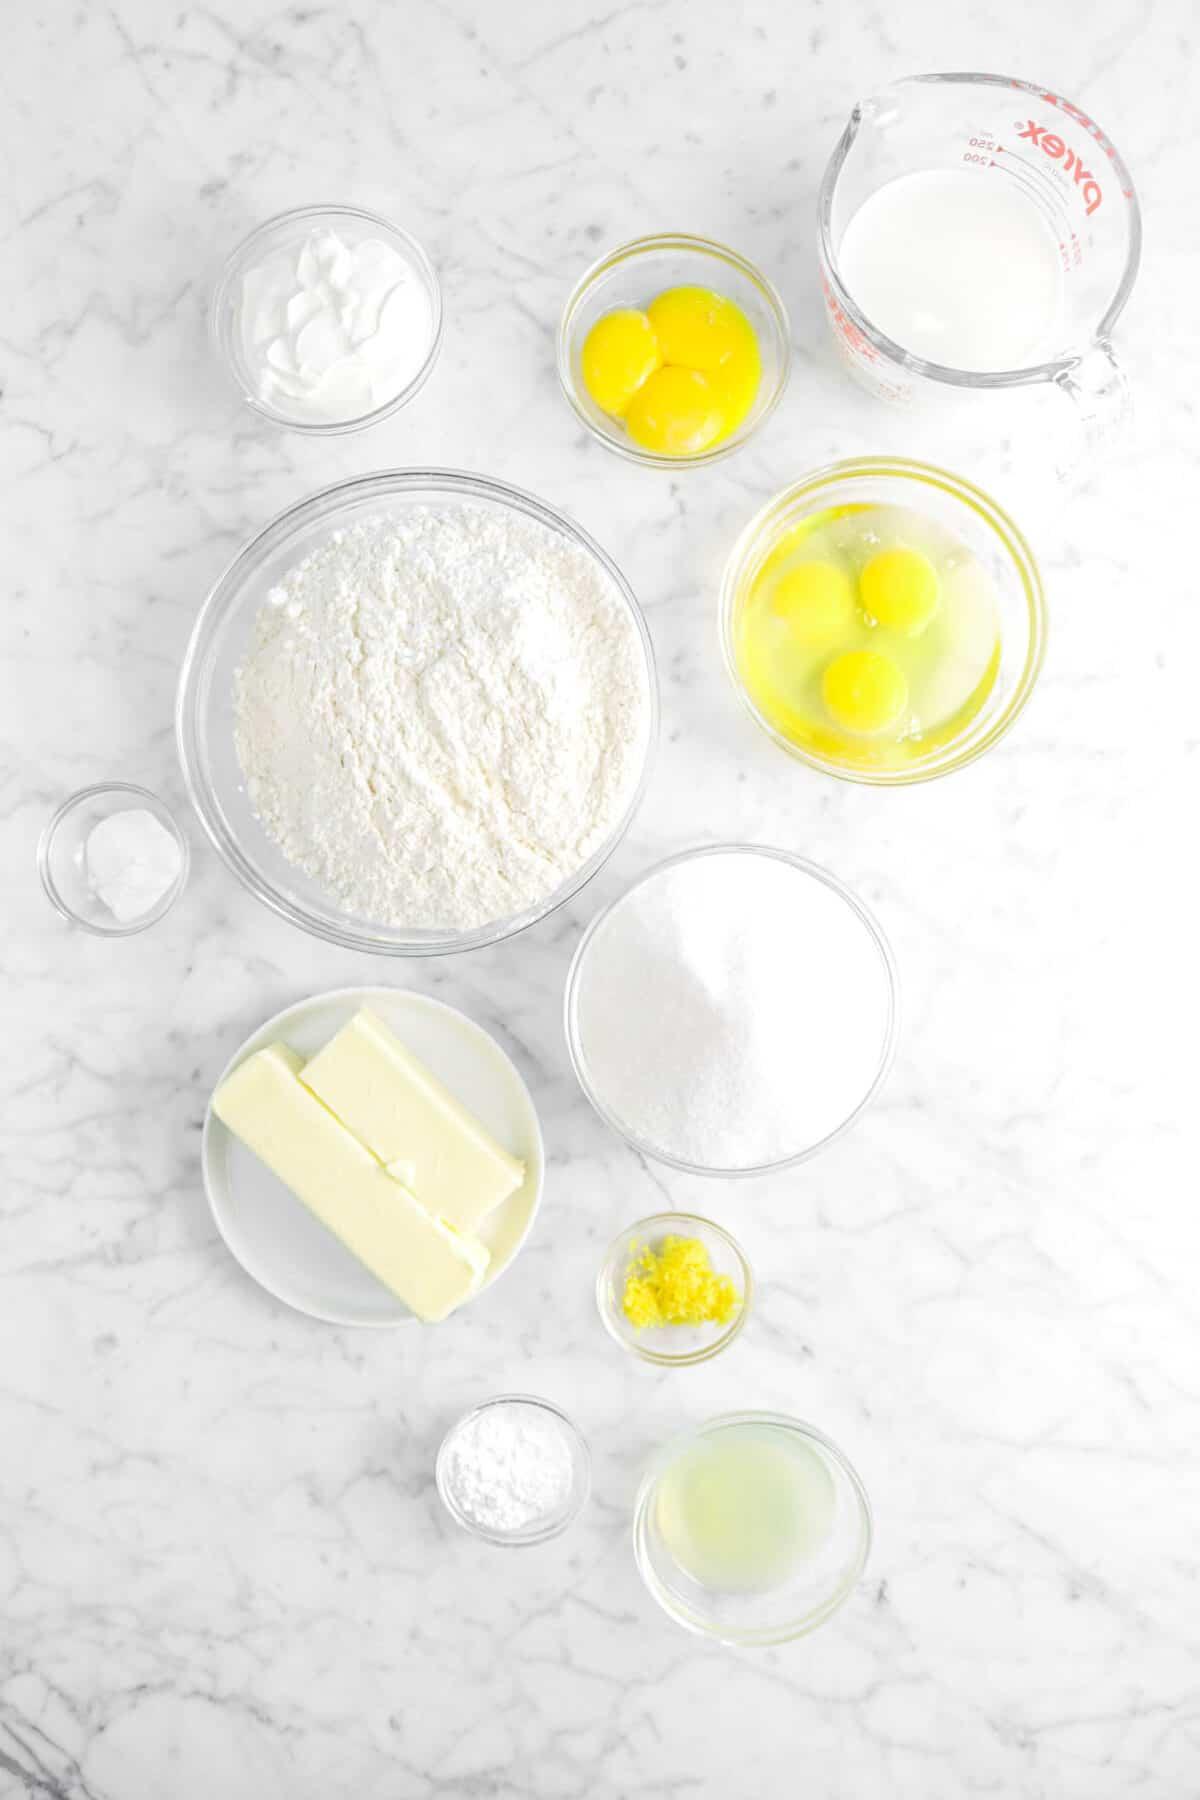 milk, egg yolks, eggs, sour cream, flour, sugar, baking powder, butter, lemon zest, lemon juice, and baking soda in glass bowls